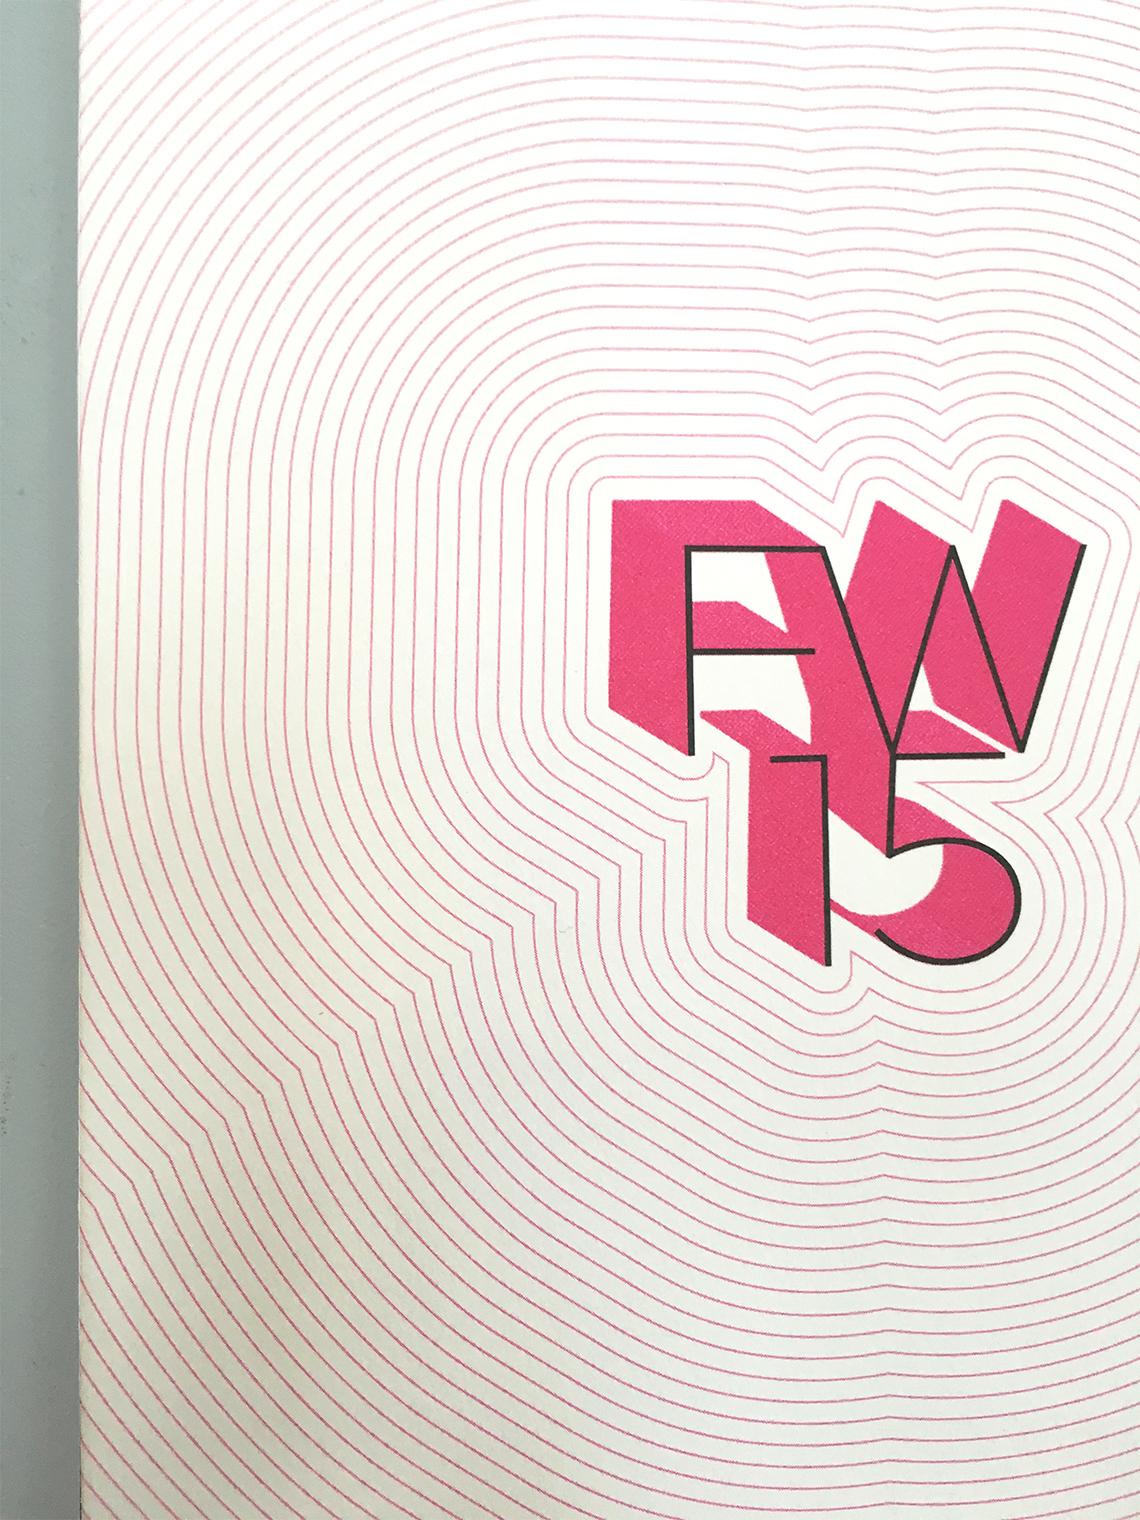 NYFW4